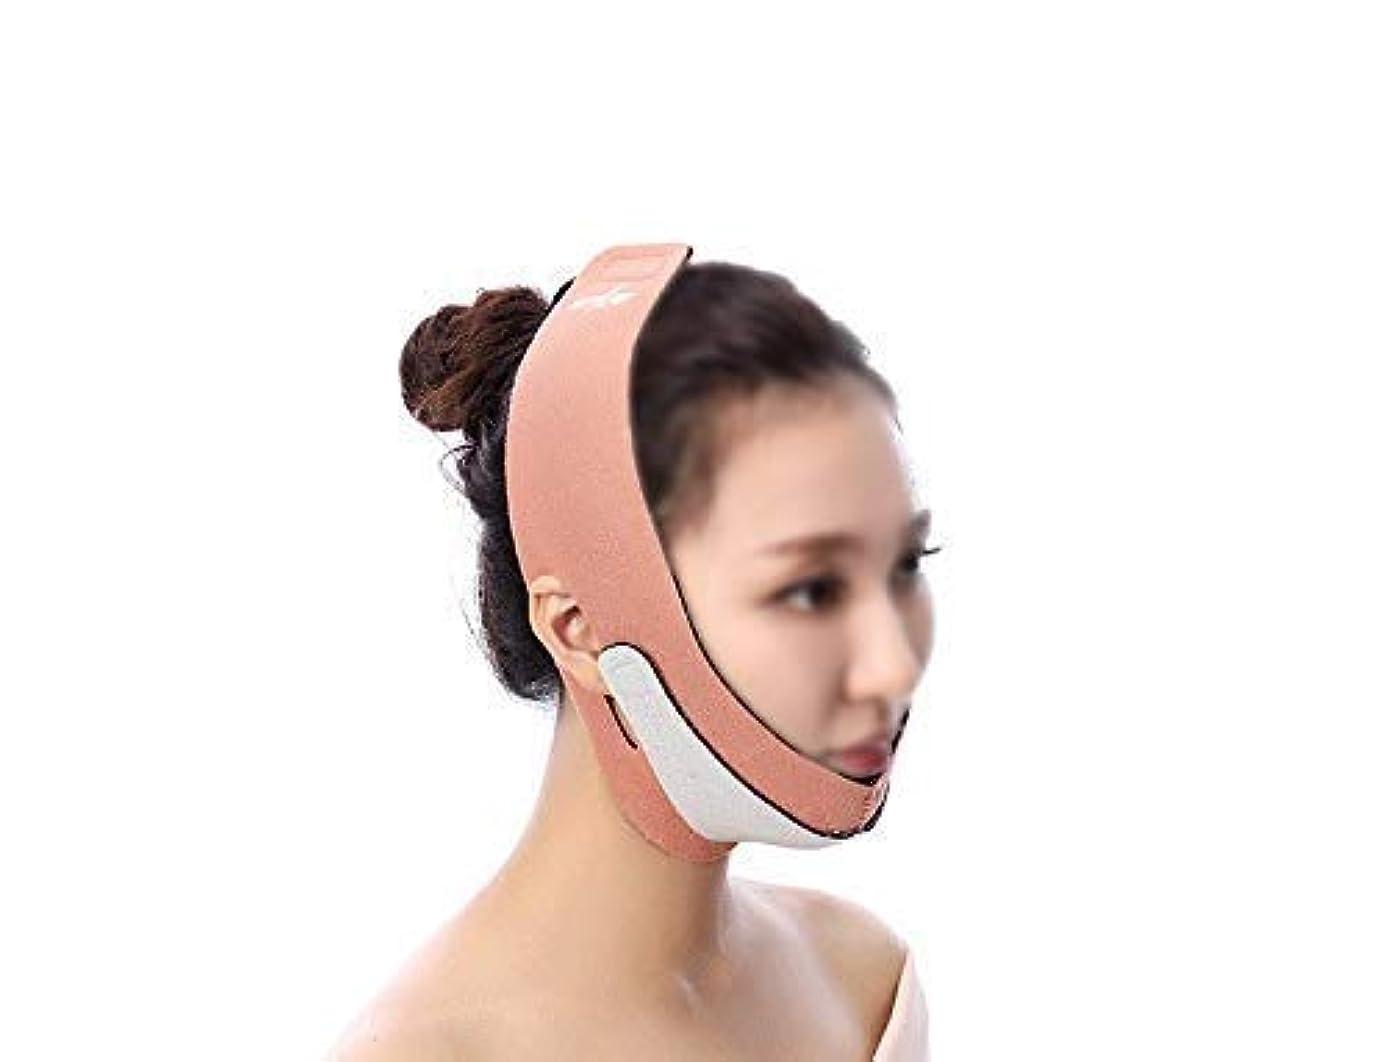 ミニアクチュエータ起訴する顔のマッサージ師の二重あごの包帯ベルトを細くするヘルスケアの薄い顔のマスク